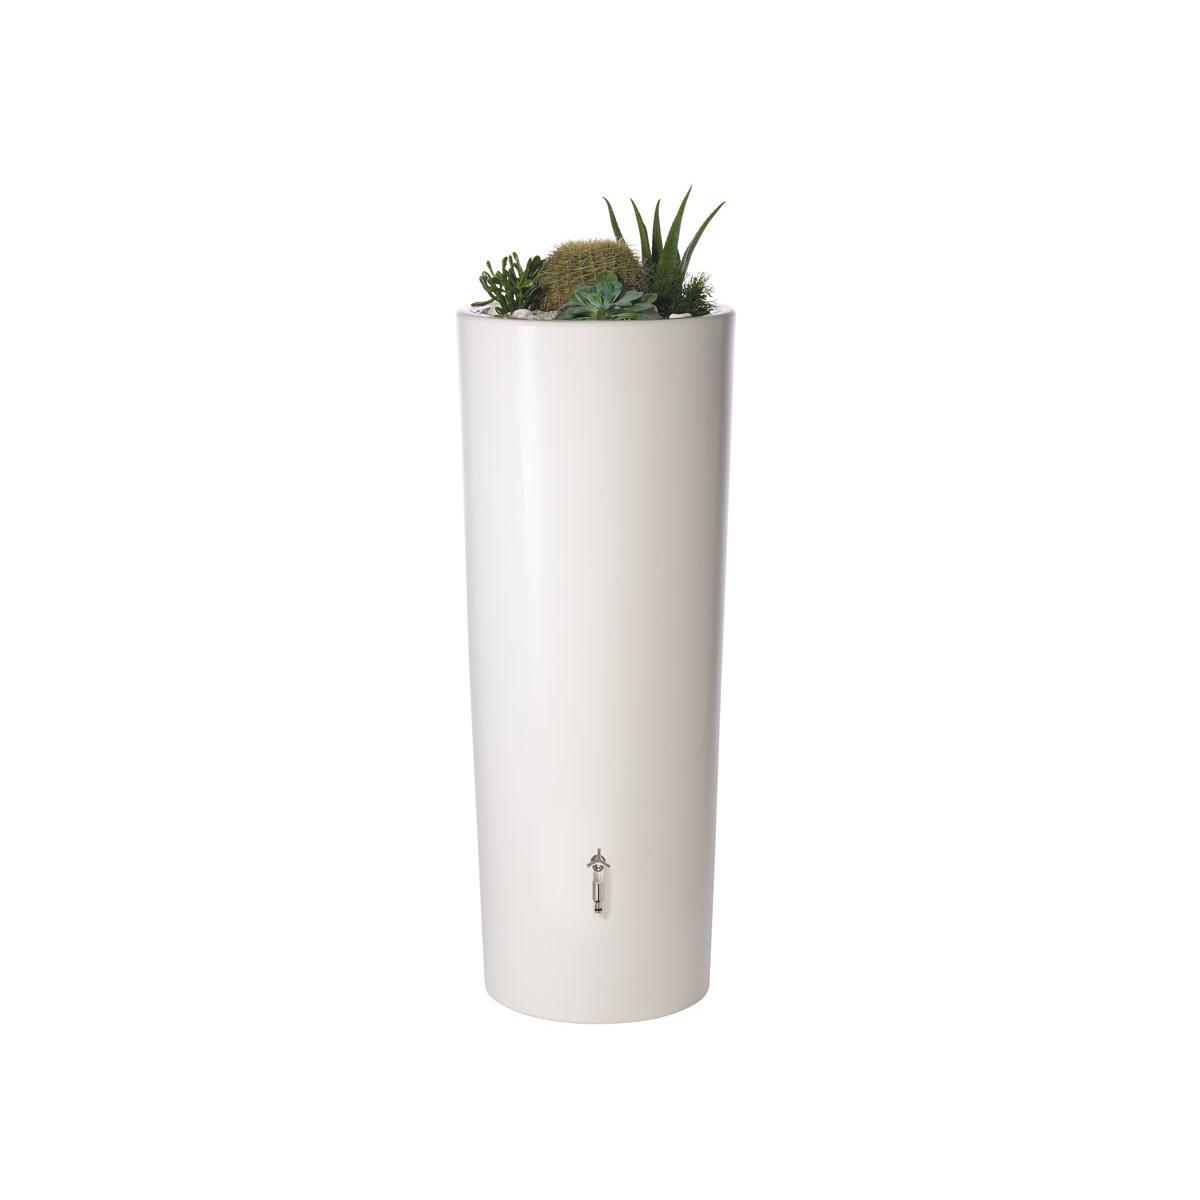 Garantia Kit réservoir color - 350L - Blanc coco